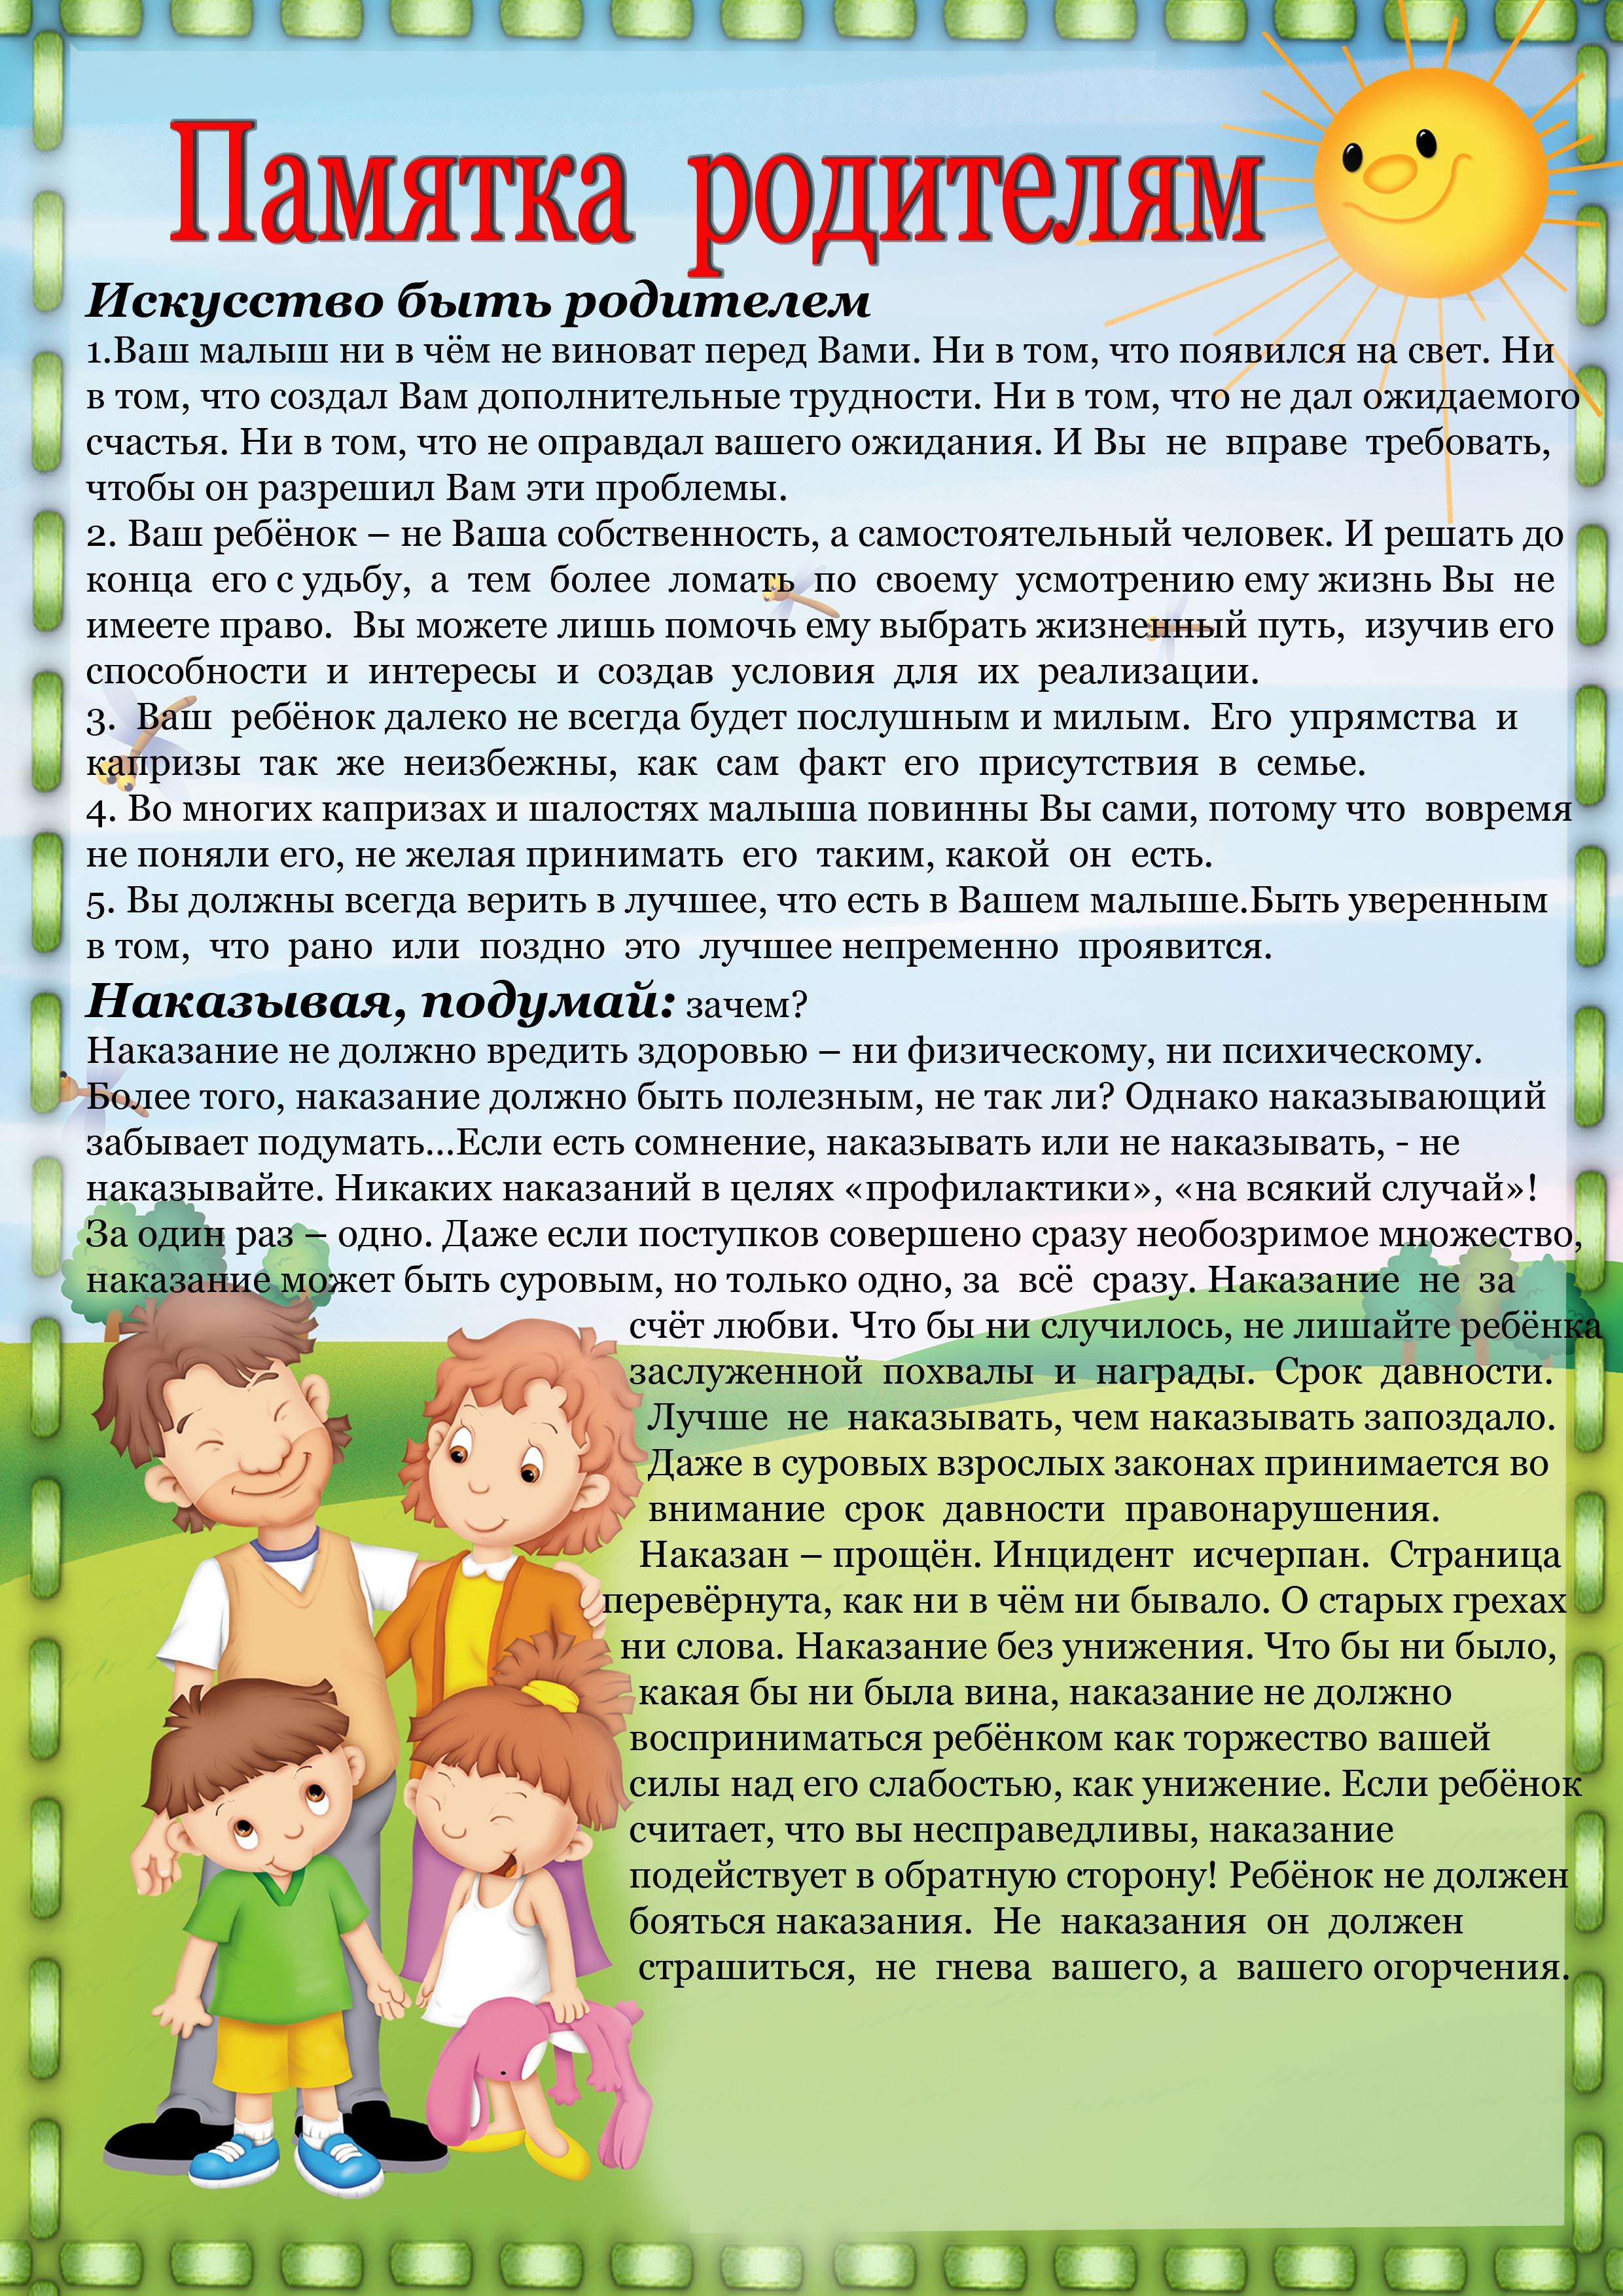 Советы родителям на лето в доу картинки